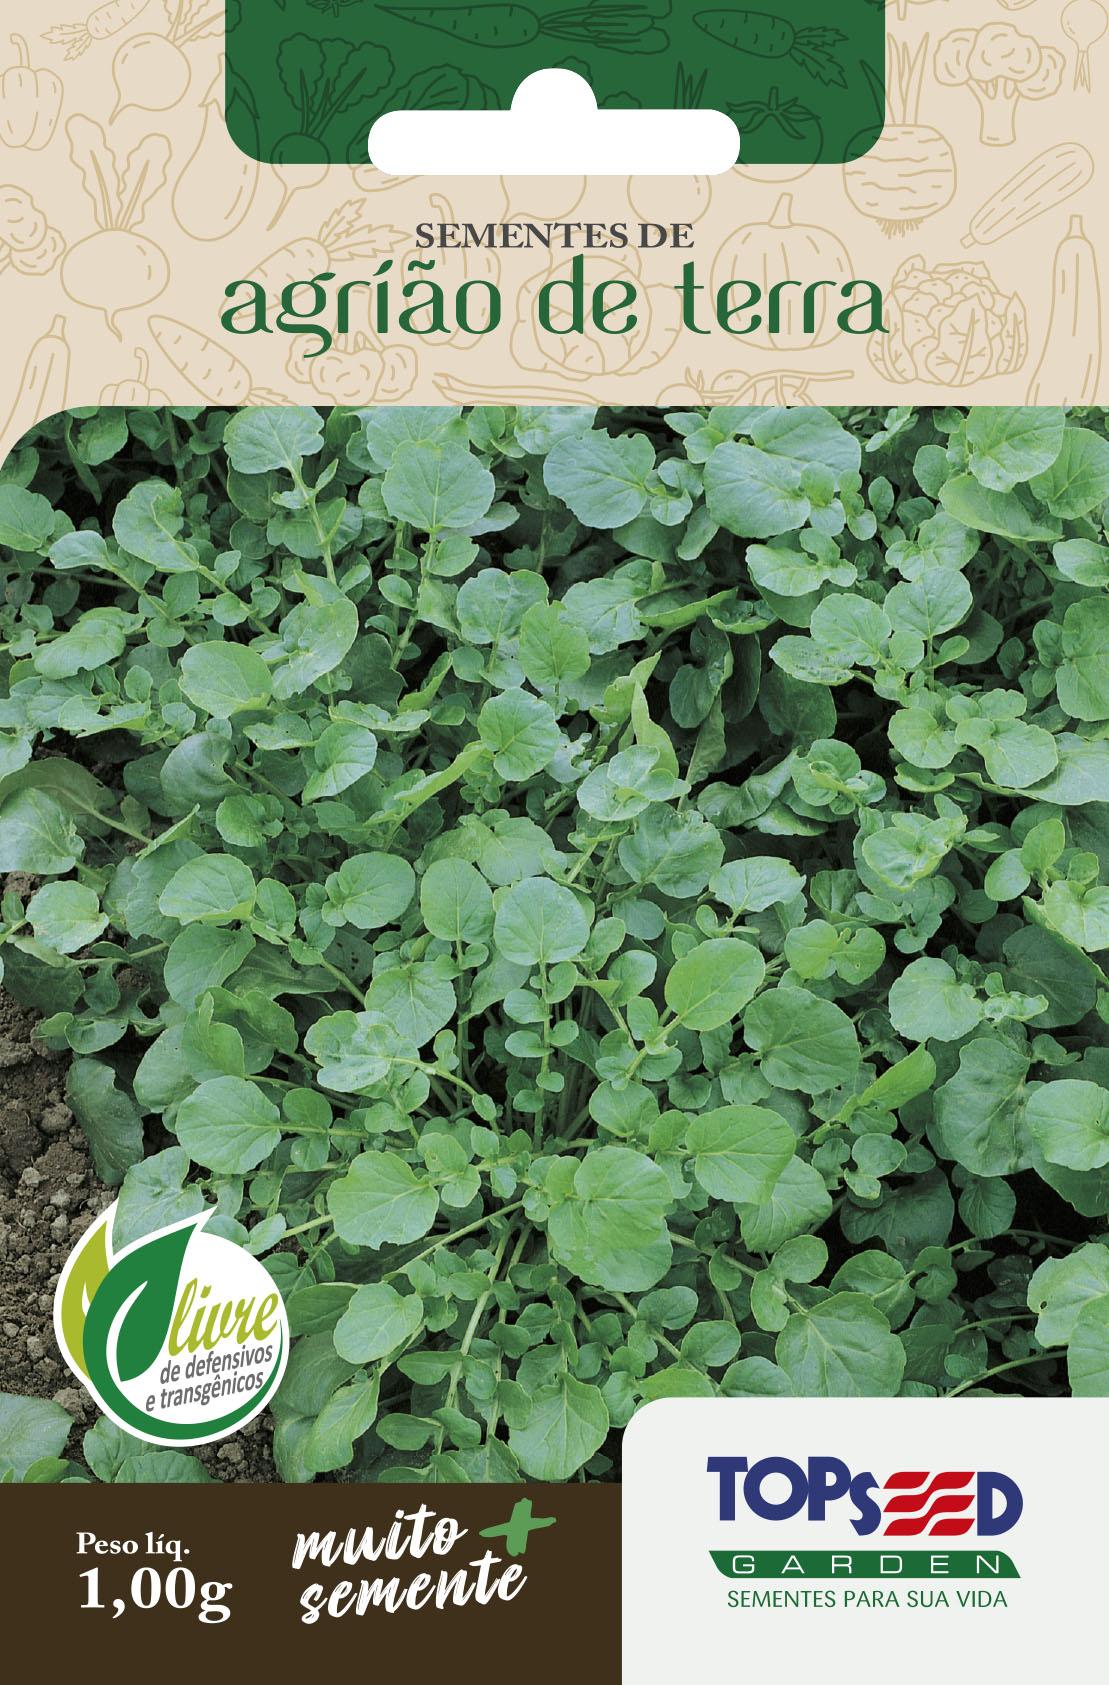 AGRIÃO DE TERRA